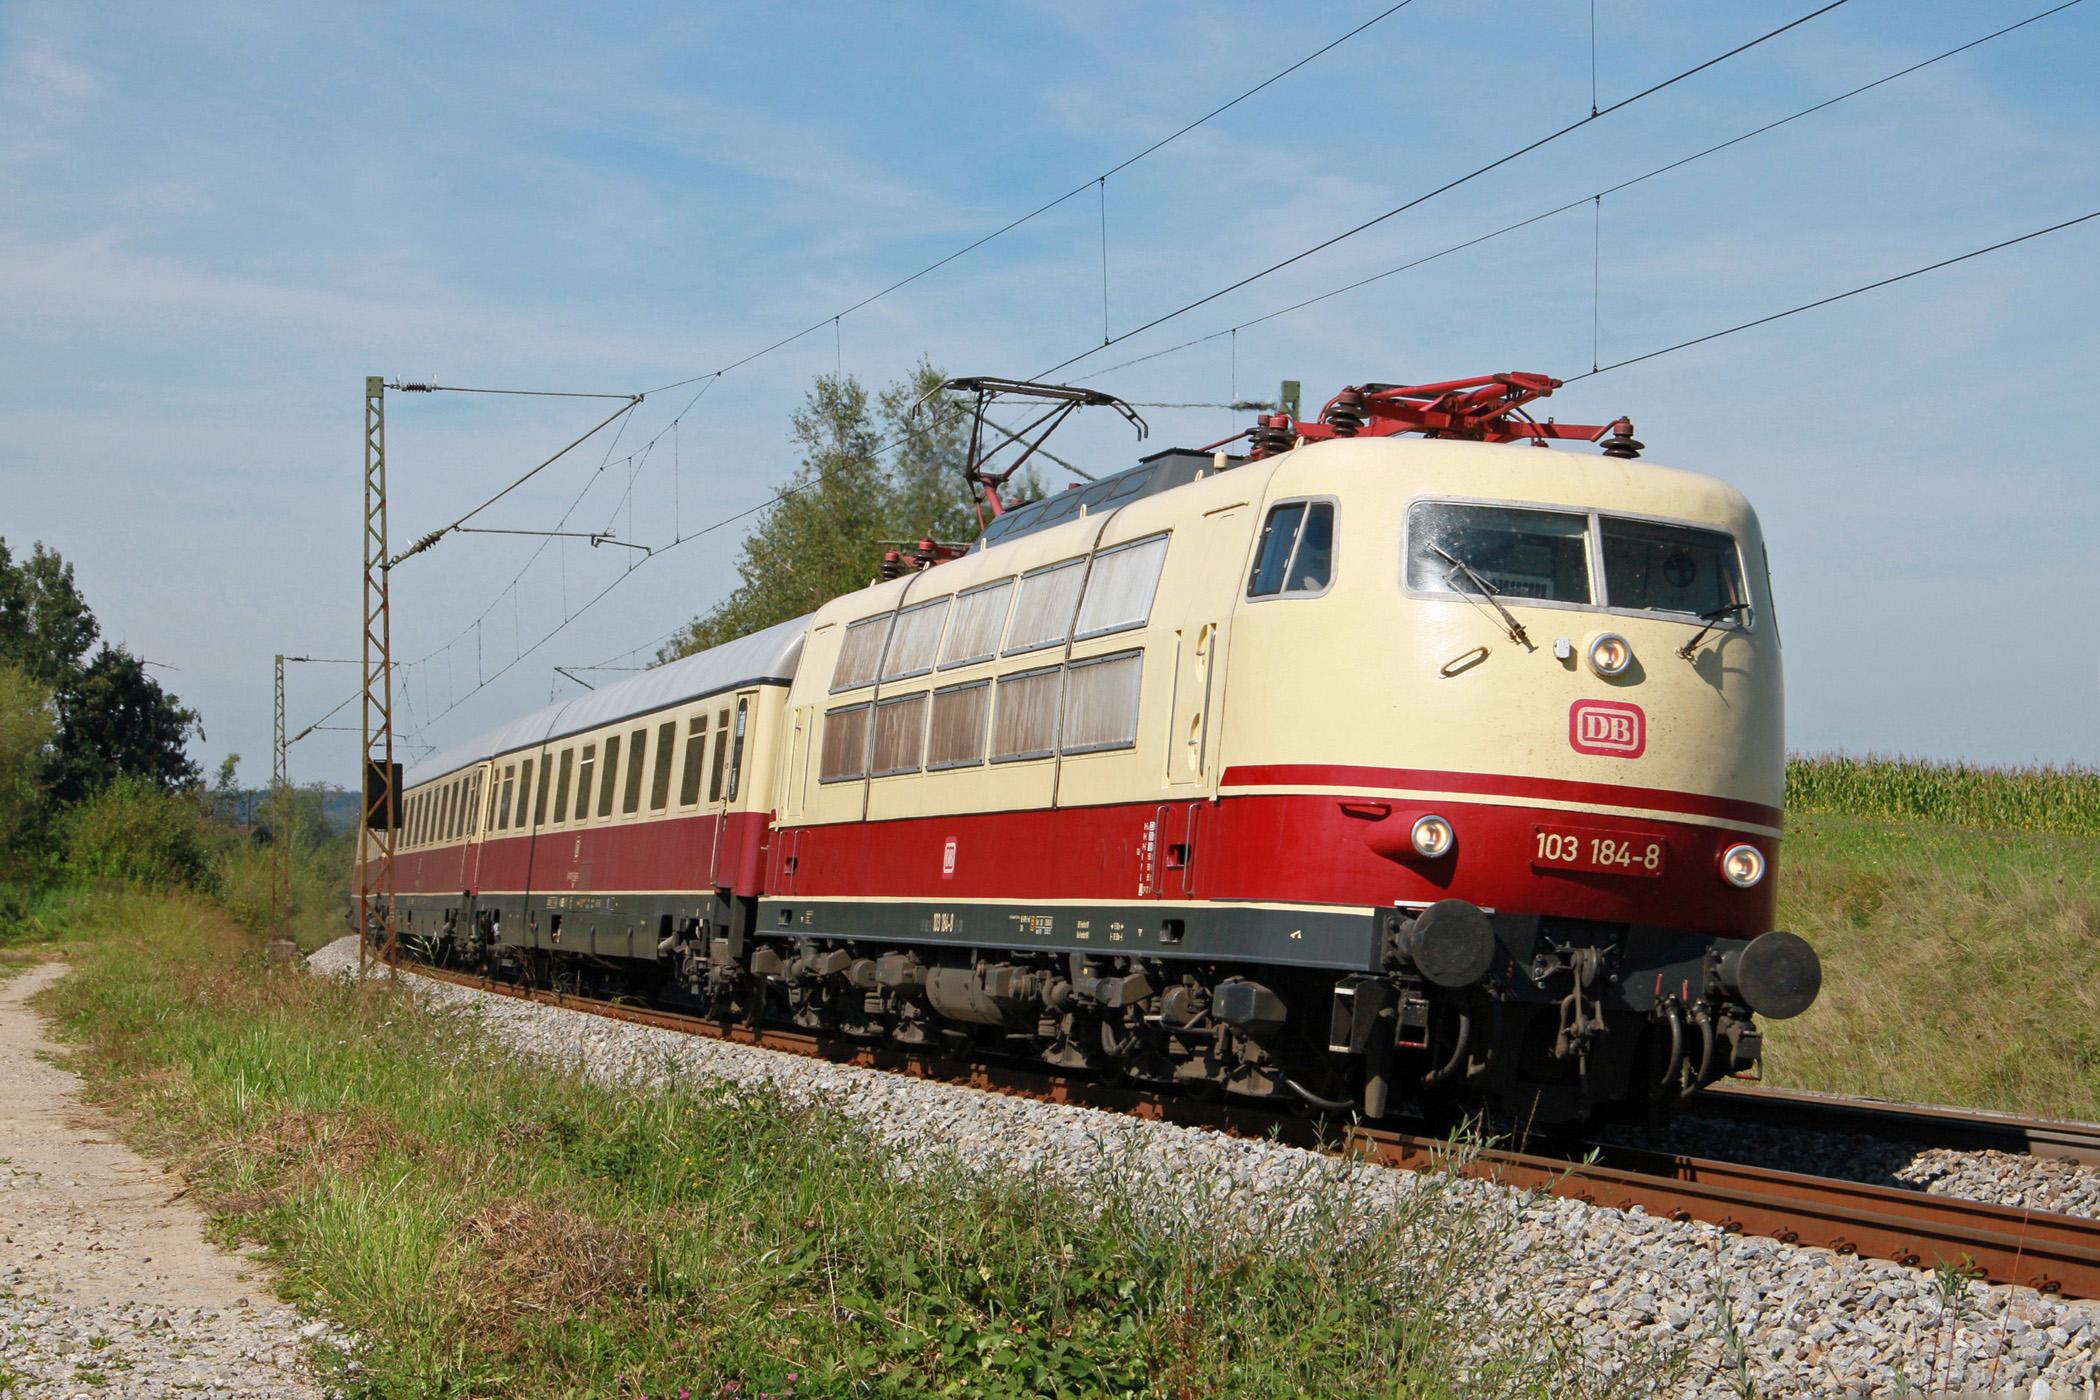 Fichier:103 184 DB nahe Ostermünchen - Bayern (1).JPG — Wikipédia